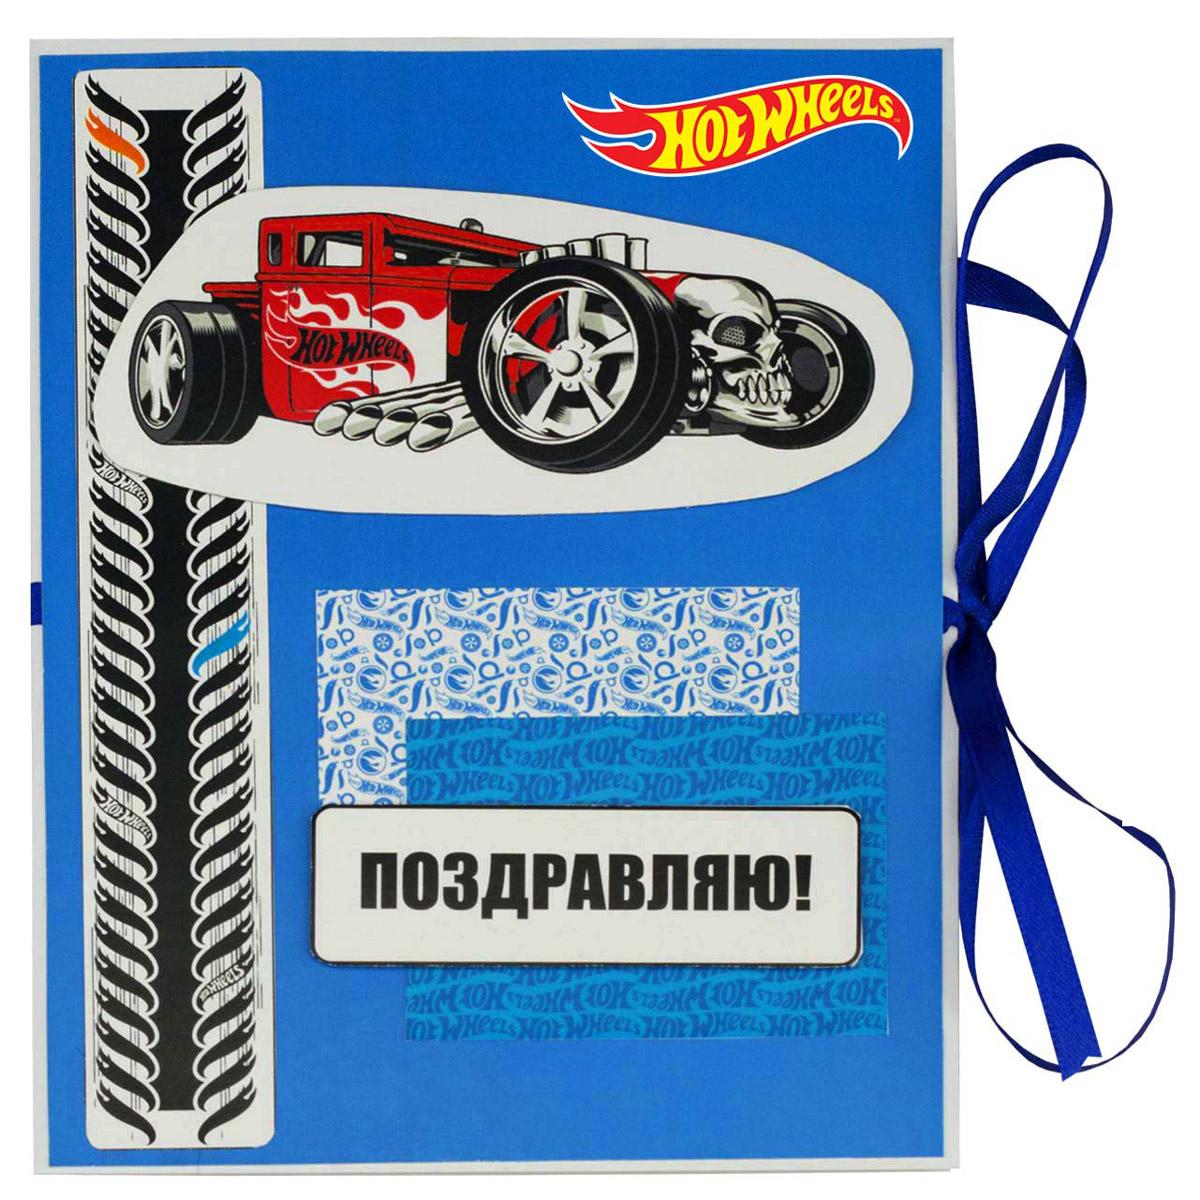 Hot Wheels Моделирование из бумаги Скрапбукинг